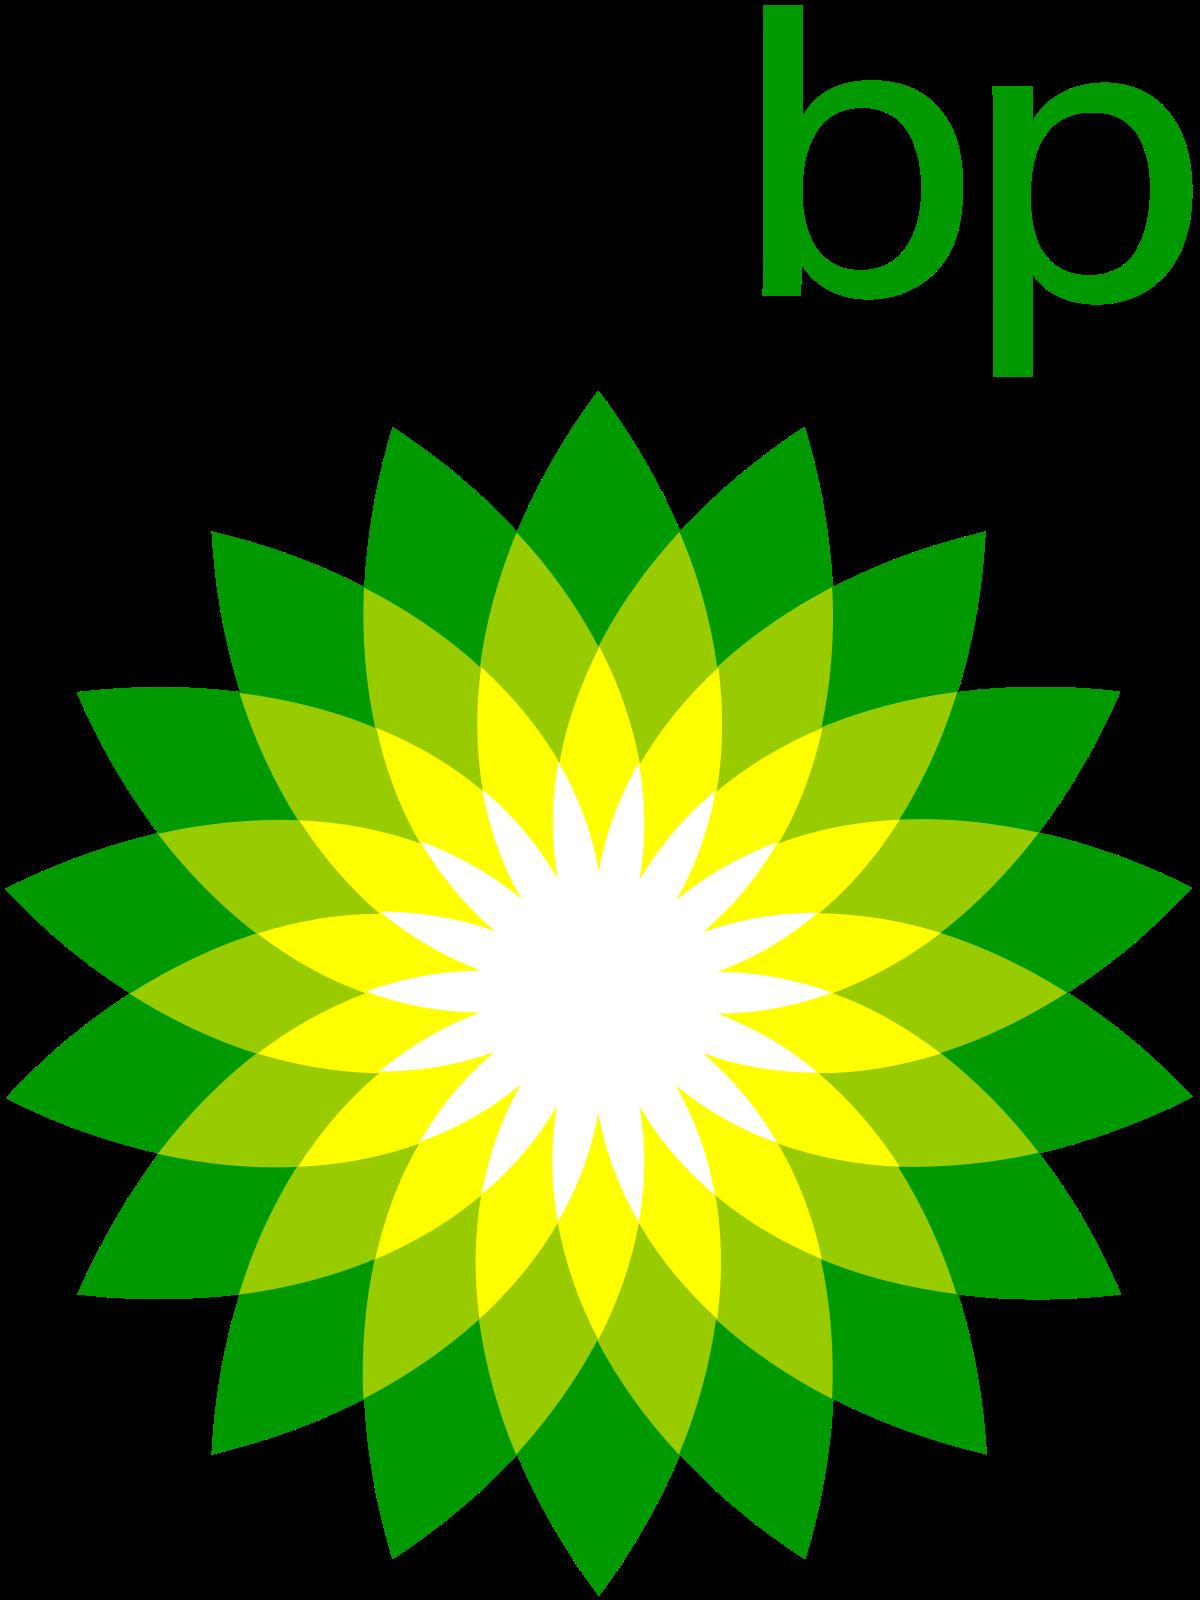 Puma energy clipart job vacancies clipart freeuse download BP - Wikipedia clipart freeuse download